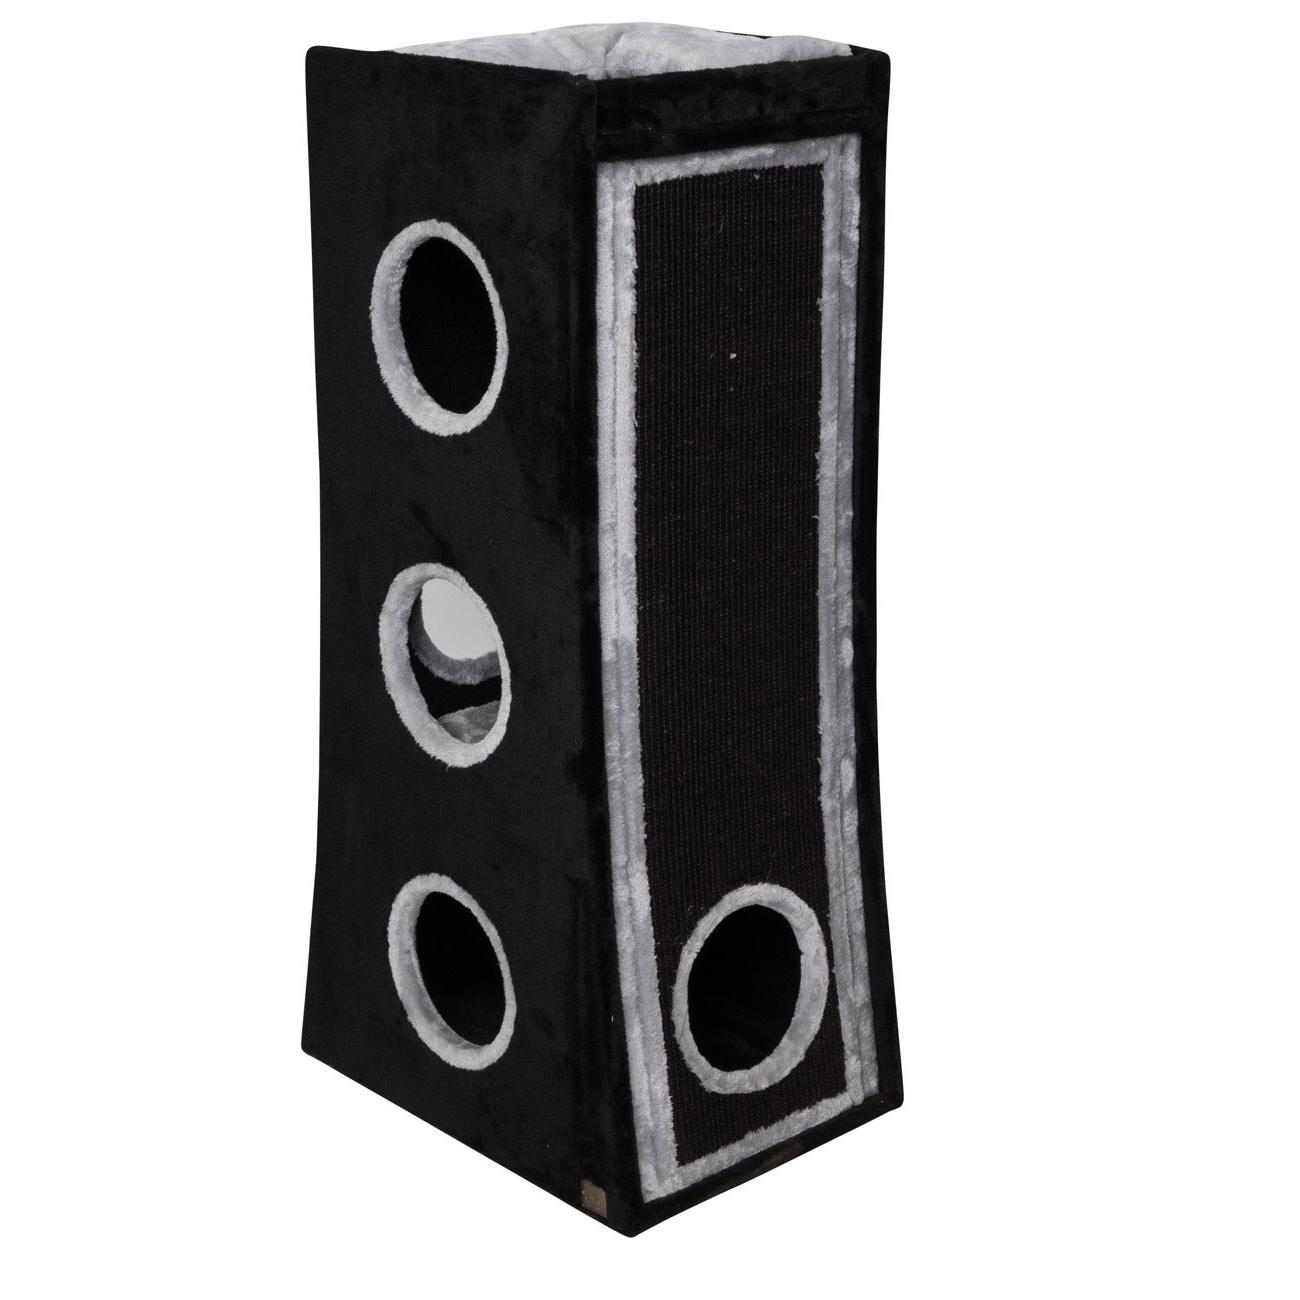 EBI Katzenkratztonne Trend Rowan, 55 x 40 x 110 cm, schwarz